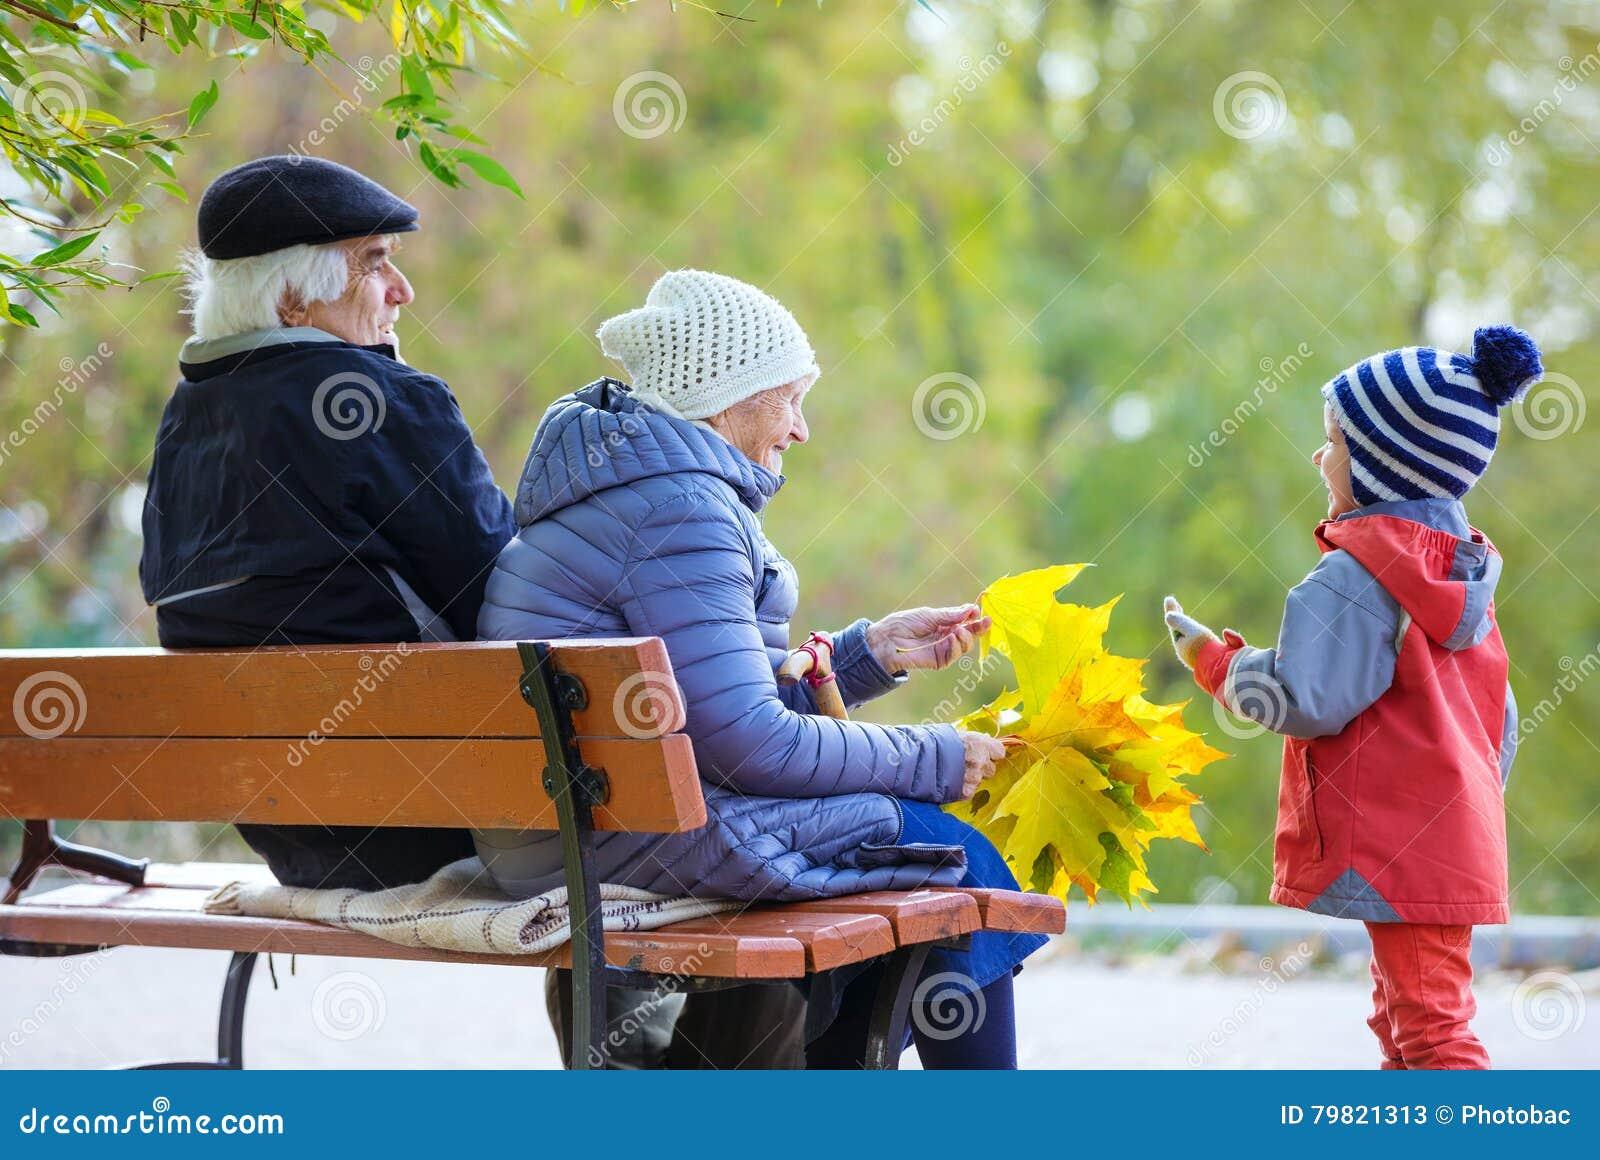 Großeltern und Enkel, die schönen Herbsttag genießen